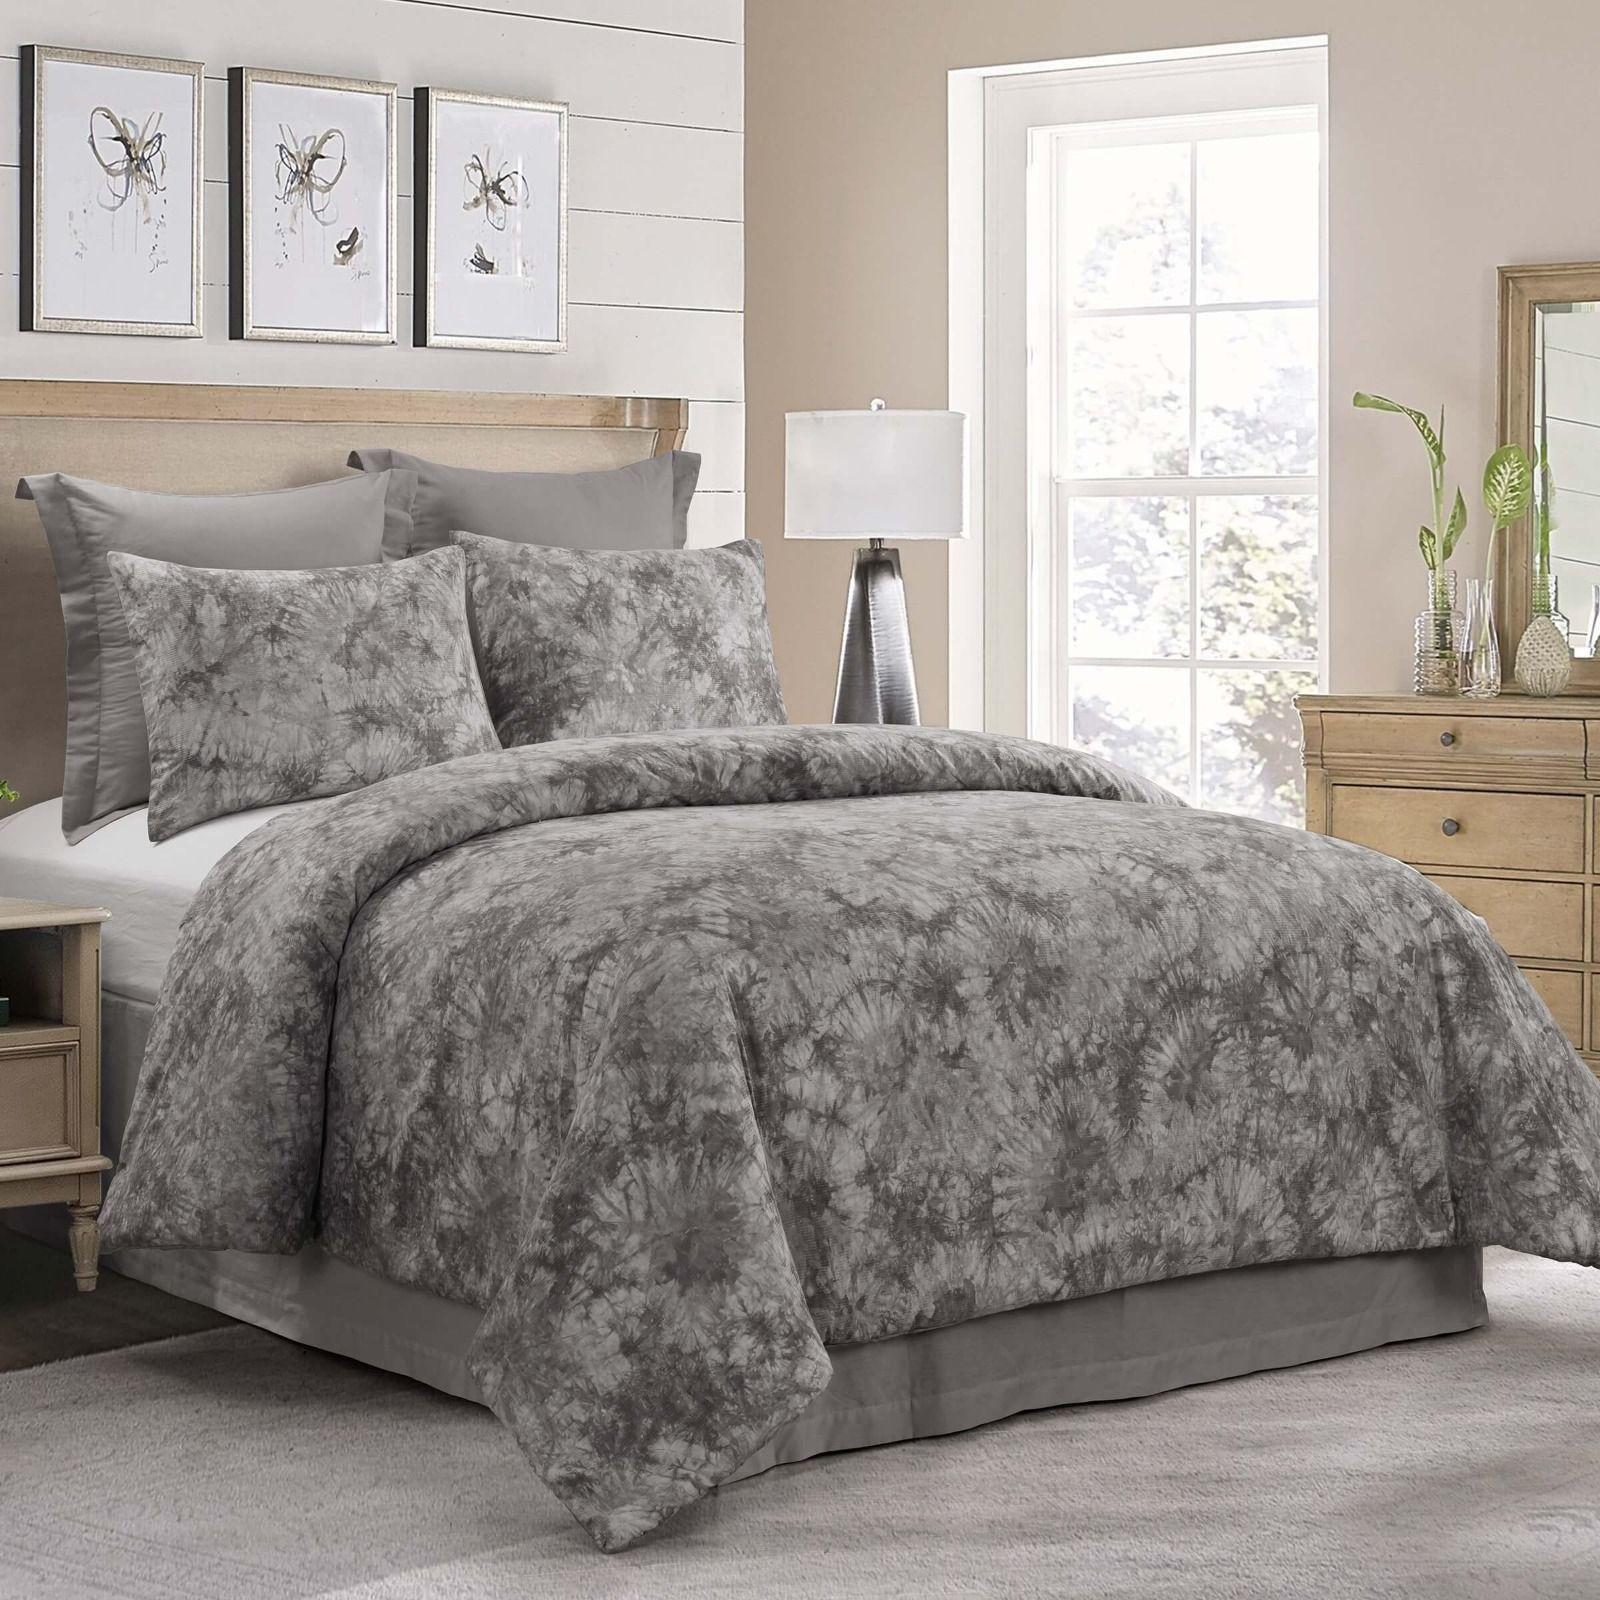 queen comforter set granada grey